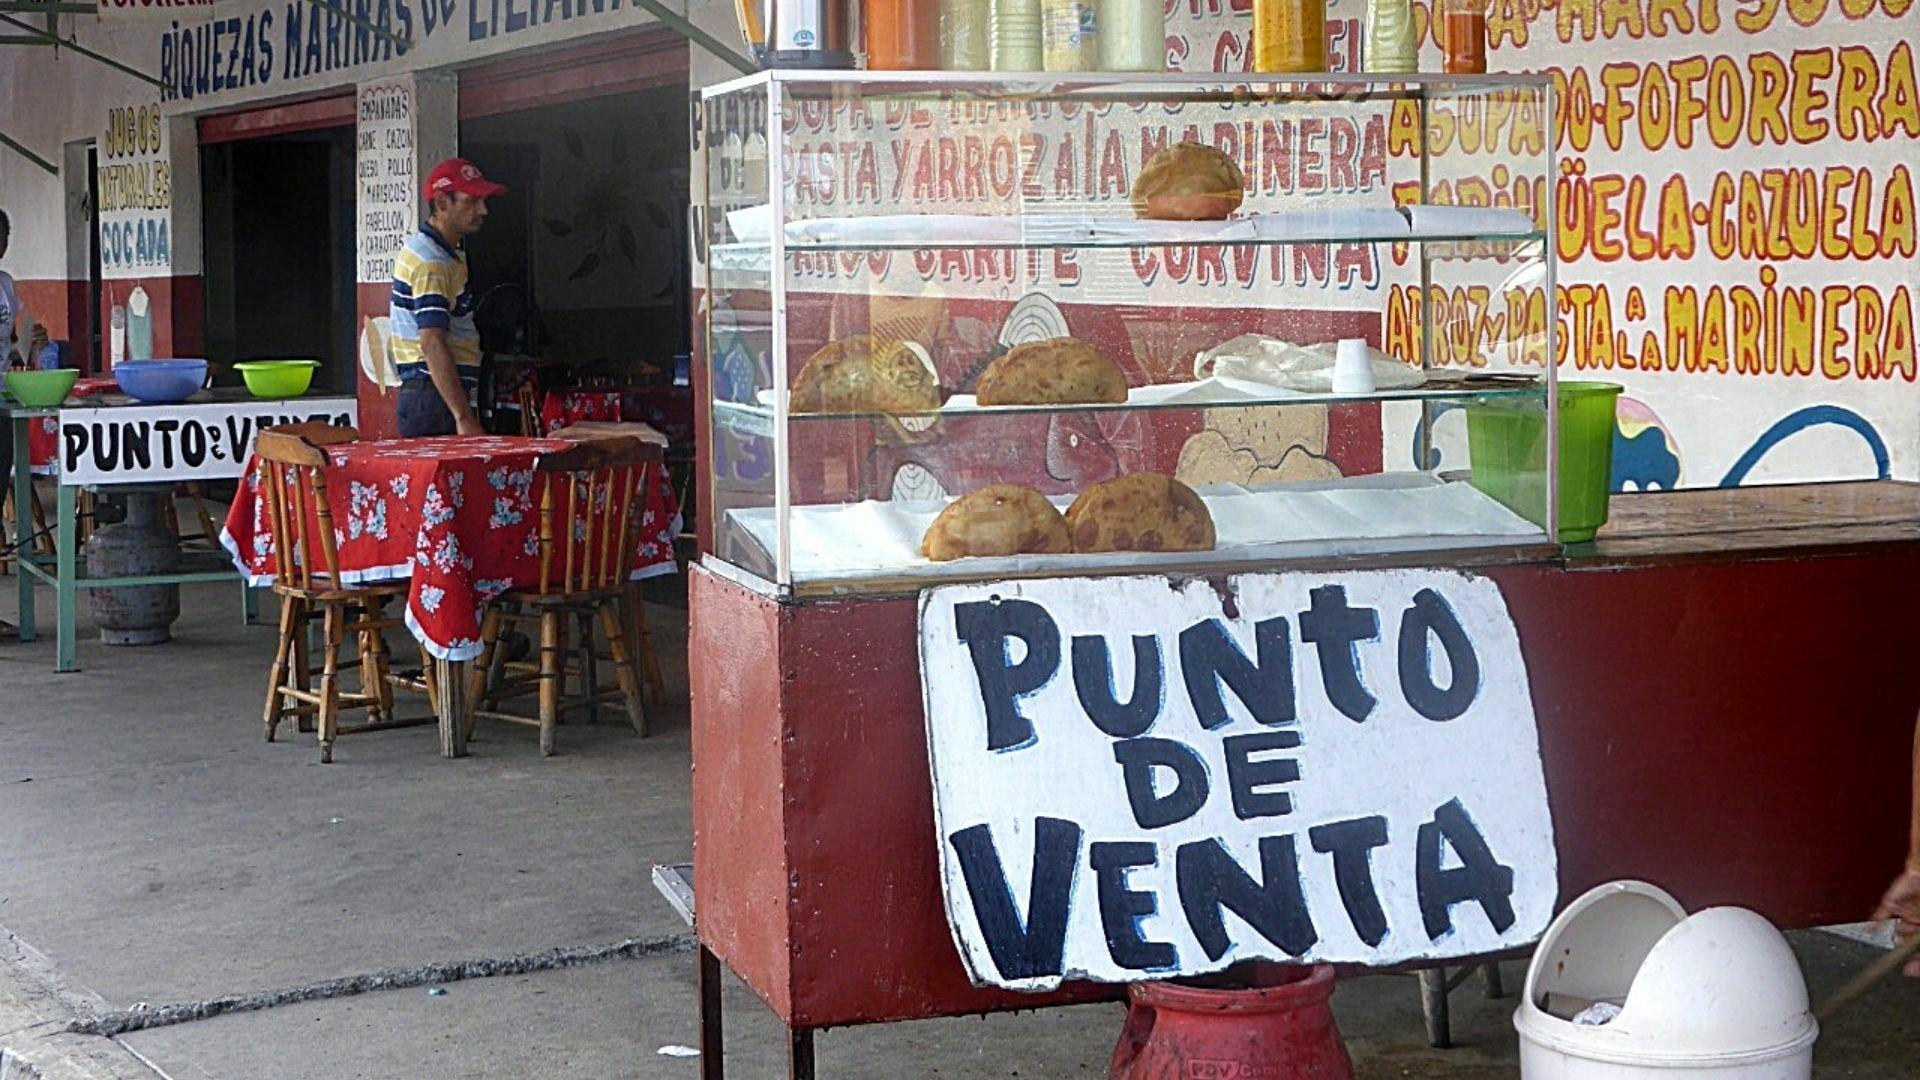 """Das Foto zeigt den Straßenbereich eines sehr einfachen Lokals in Venezuela. Im Zentrum ist eine Vitrine zu sehen mit der Aufschrift """"Verkaufsstand"""" (punto de venta). Darin liegen sehr spärlich verteilte frittierte Teigtaschen. Darauf steht ein Arsenal an Saucen."""